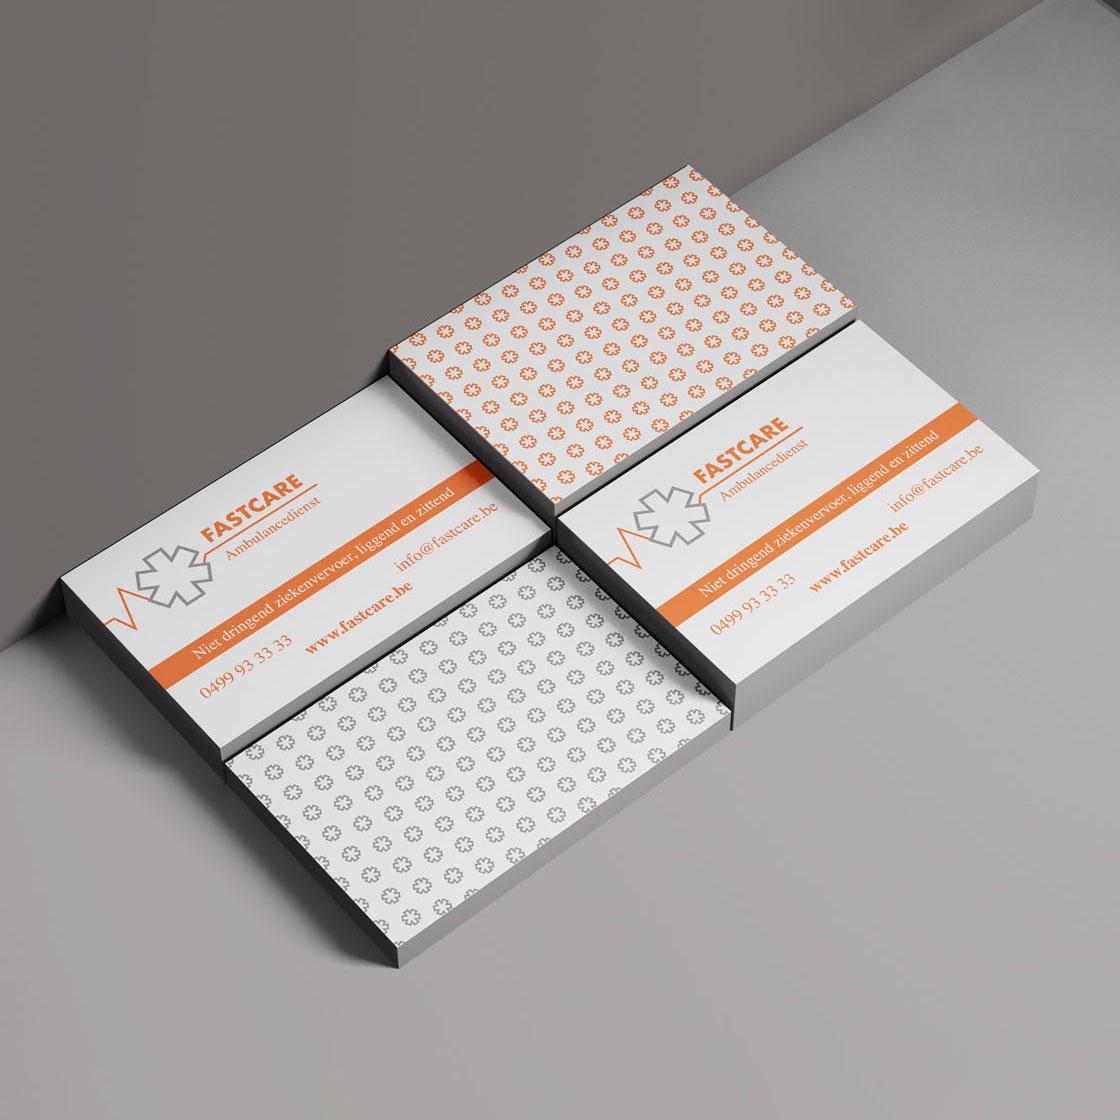 Mioo Design - Fastcare - Visite kaartje - Creatief reclamebureau Roeselare & Communicatiebureau Roeselare - Grafisch ontwerp - Freelancer - West-Vlaanderen - Brugge - Kortrijk - 2